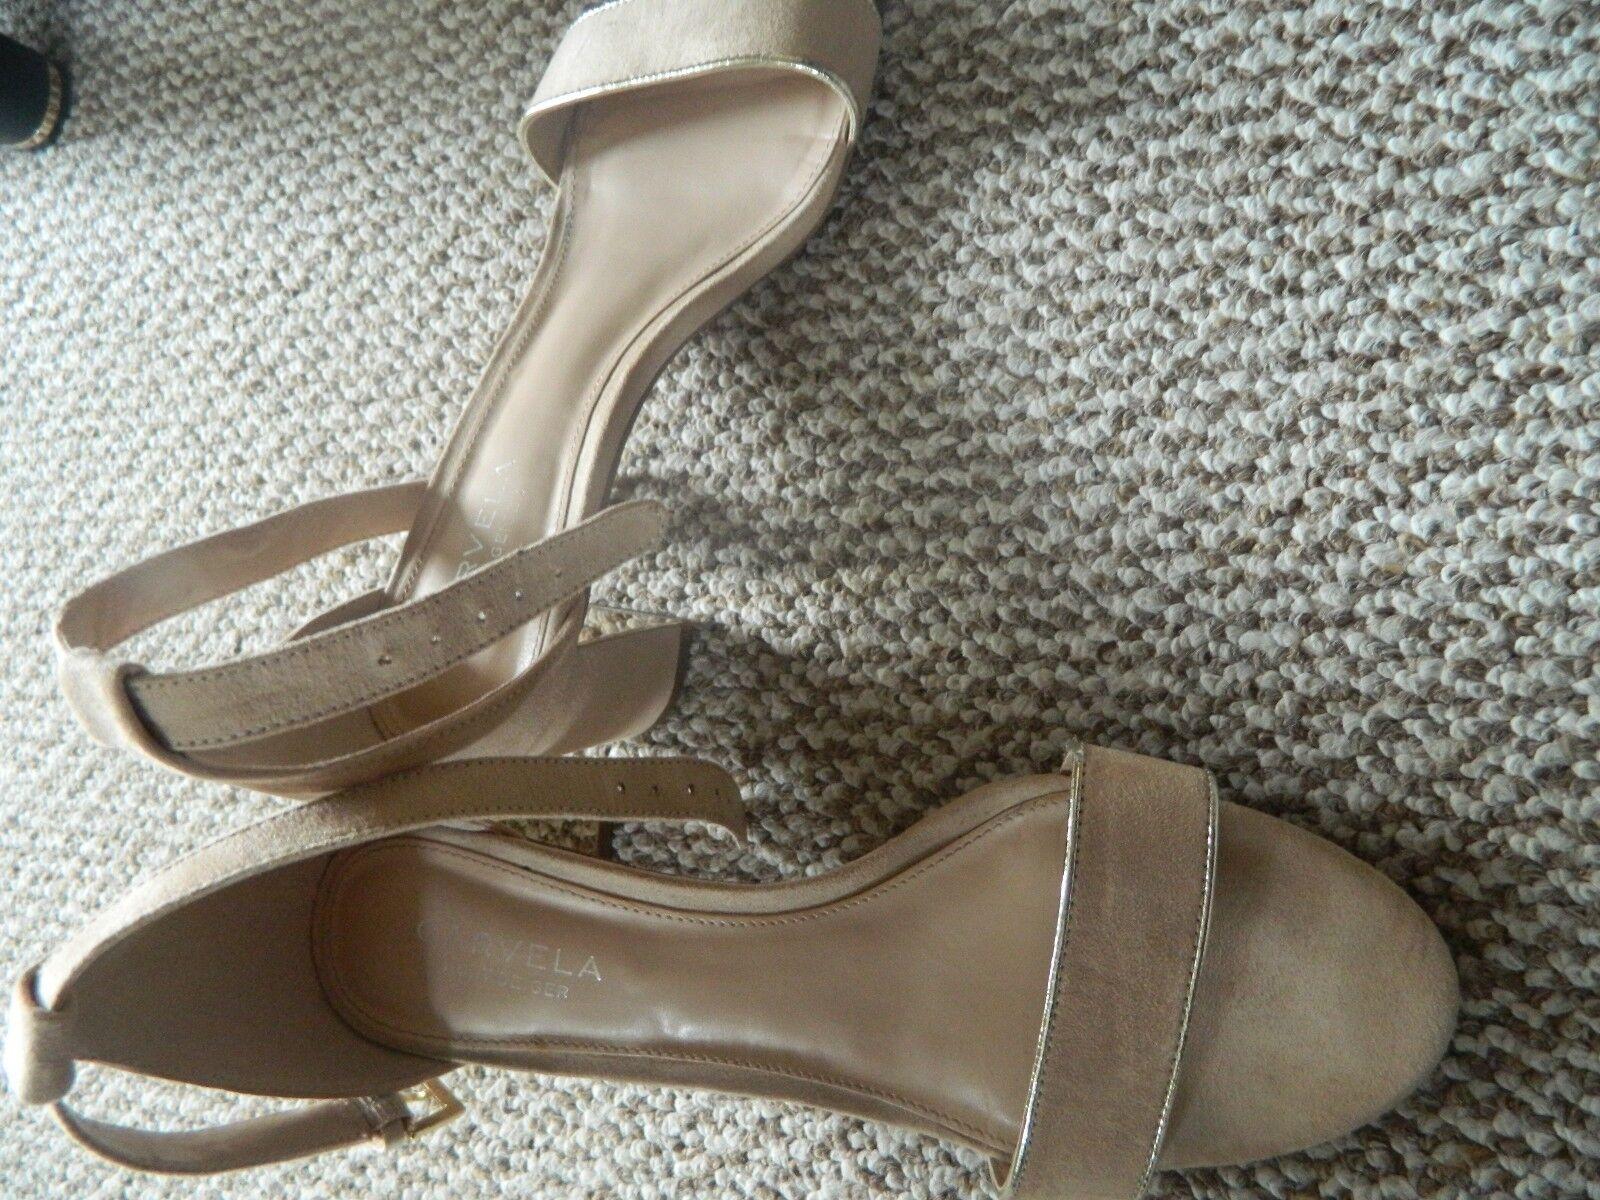 Carvela Kurt Geiger  Suede  UK Schuhes Eu Größe 39 UK  6 Lovely Schuhes 810e91